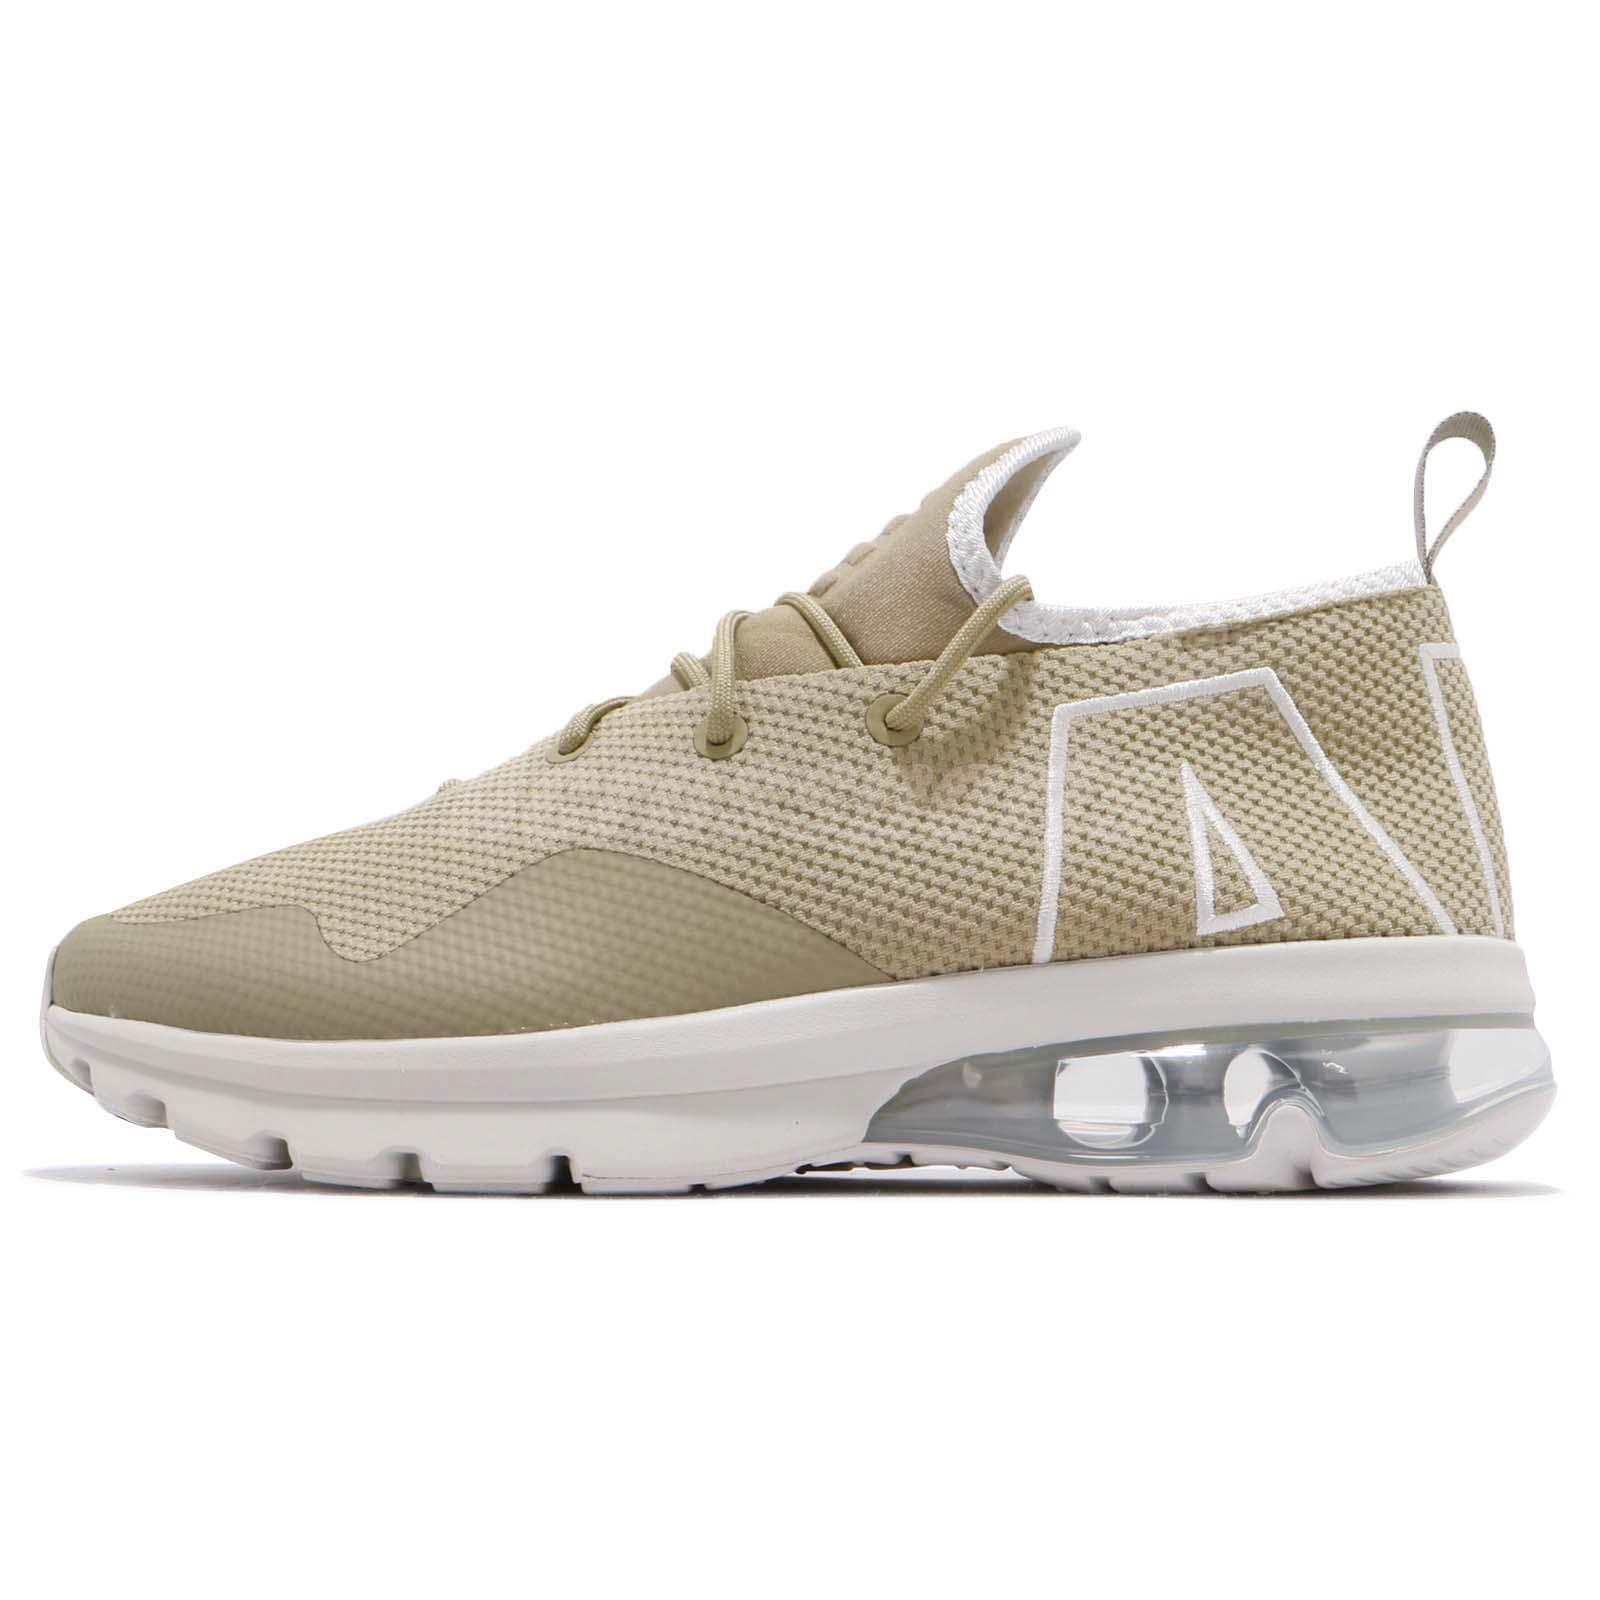 7278cecb11 Nike Air Max Flair 50 Neutral Olive Light Bone Men Running Shoes AA3824-200